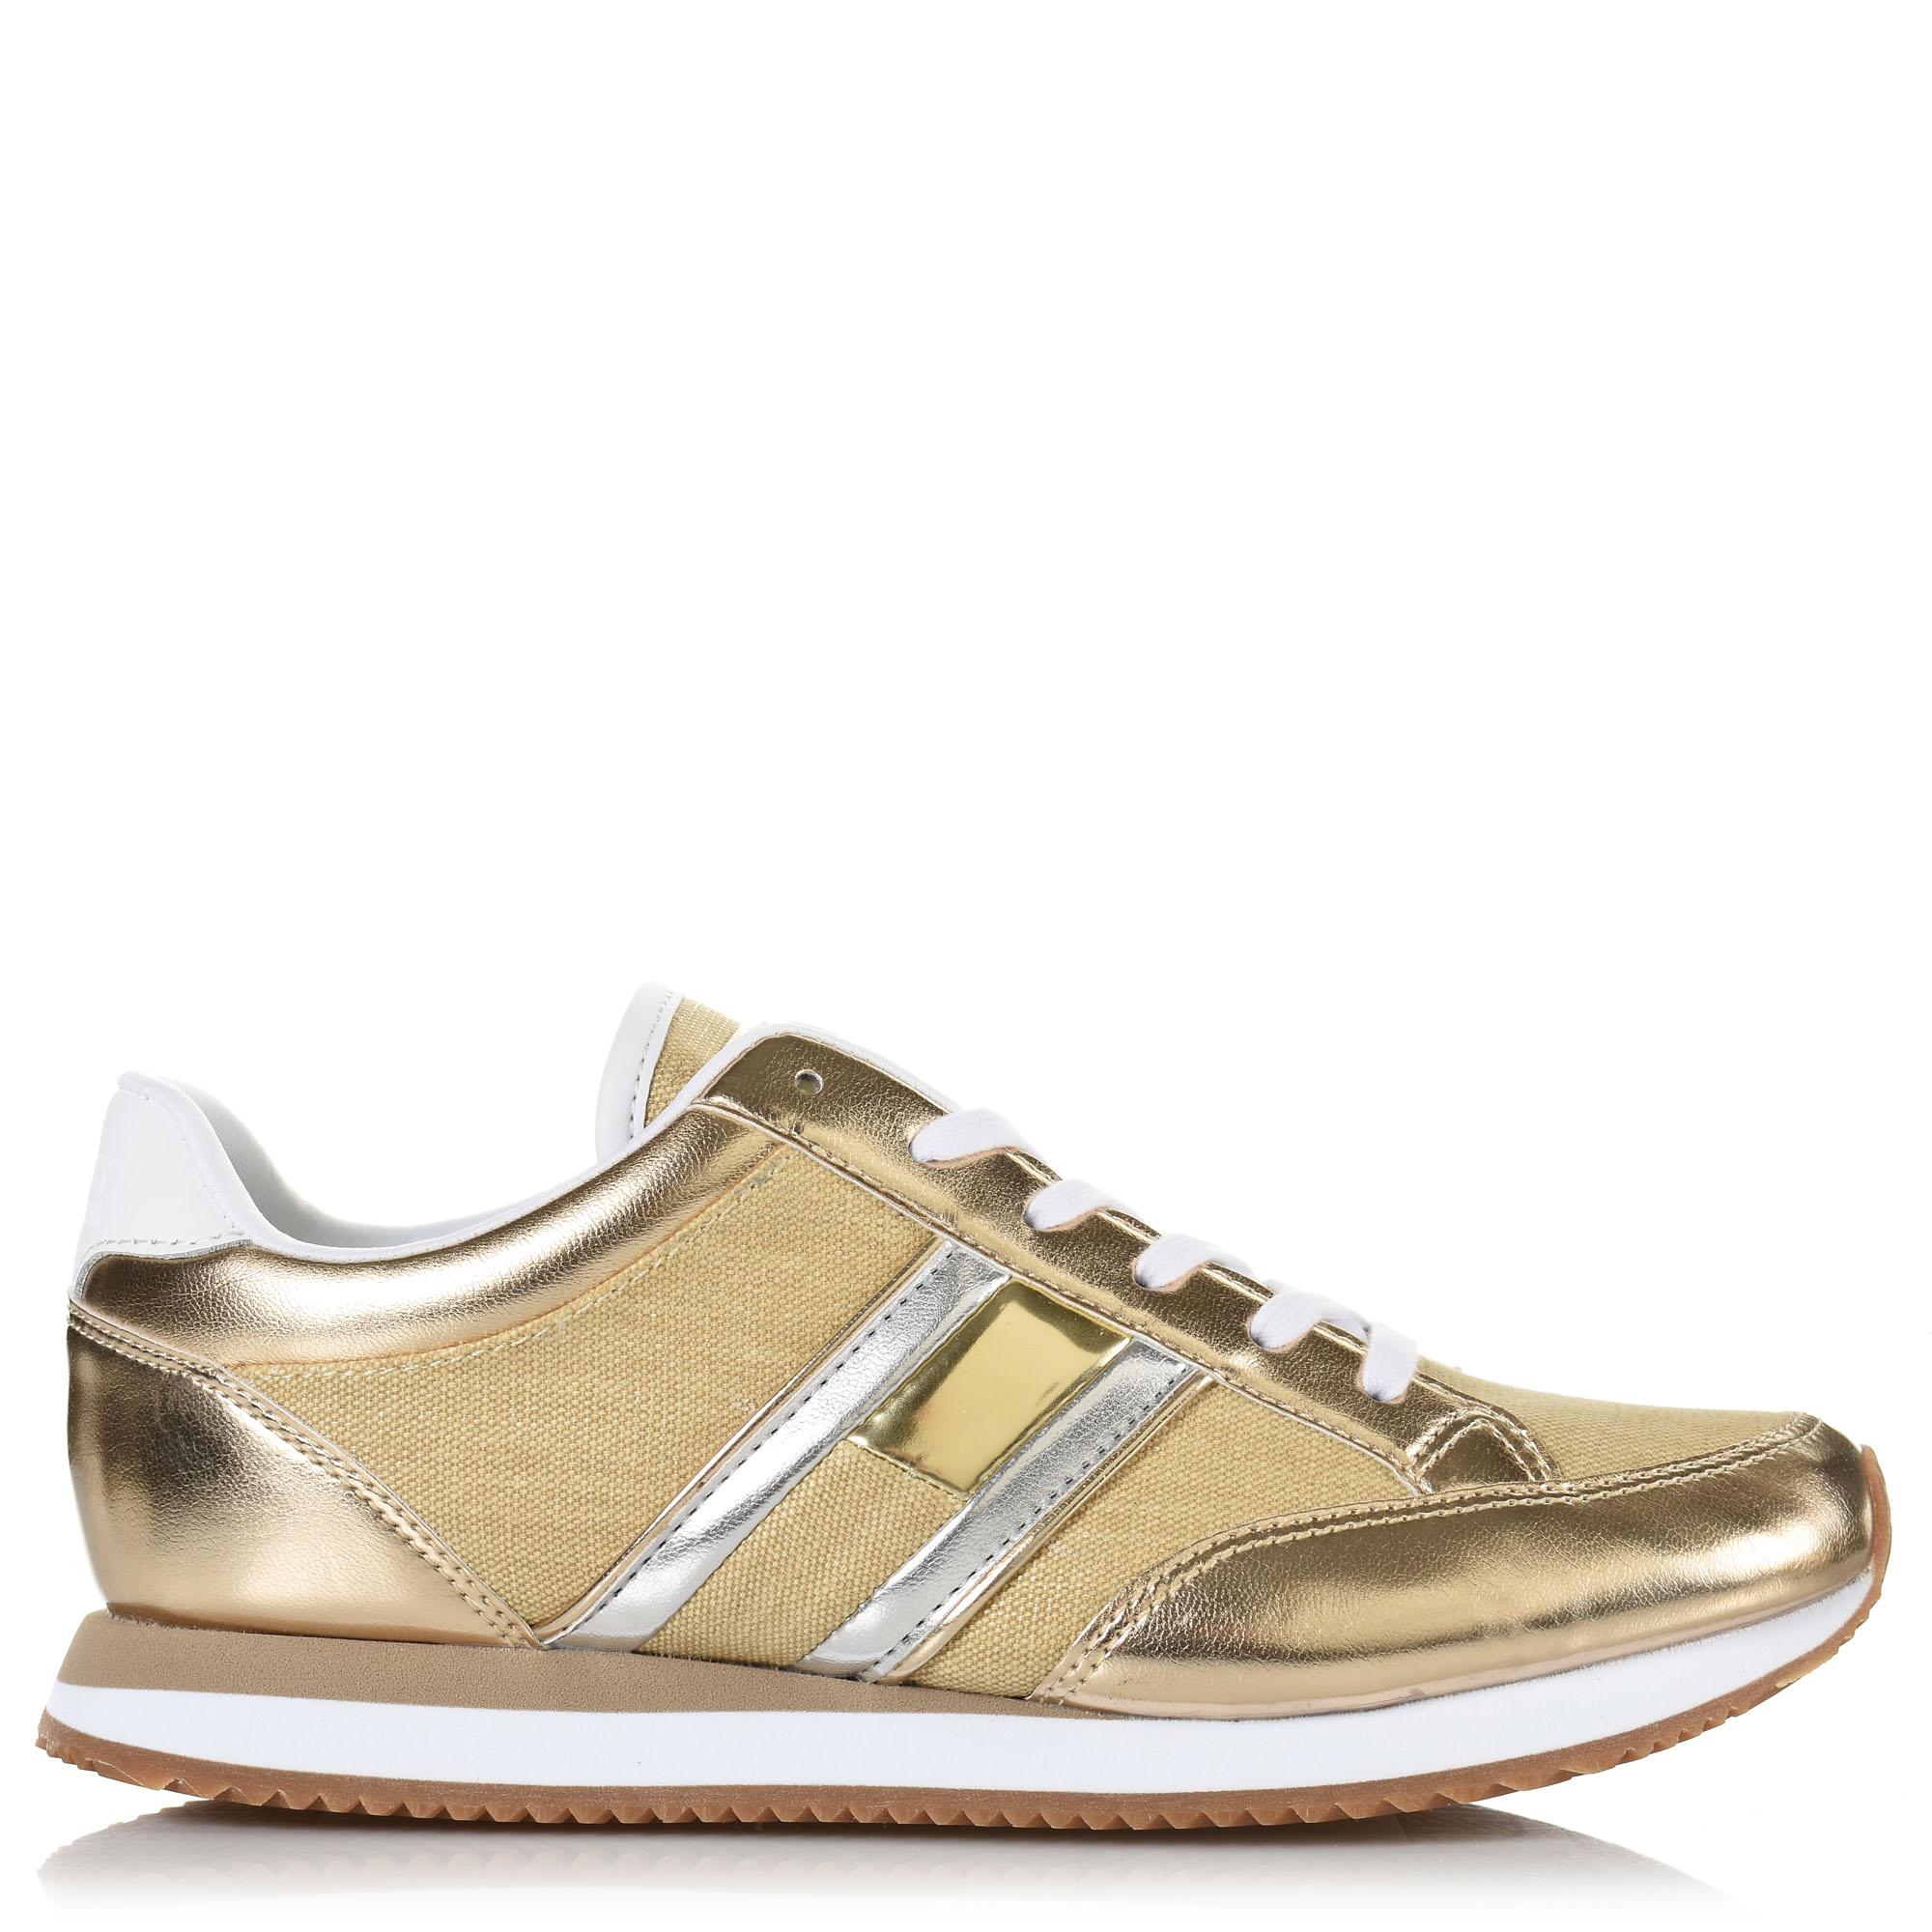 923389743e6 Sneakers Tommy Hilfiger Wmn Casual Retro Sneaker EN0EN00413 - Glami.gr